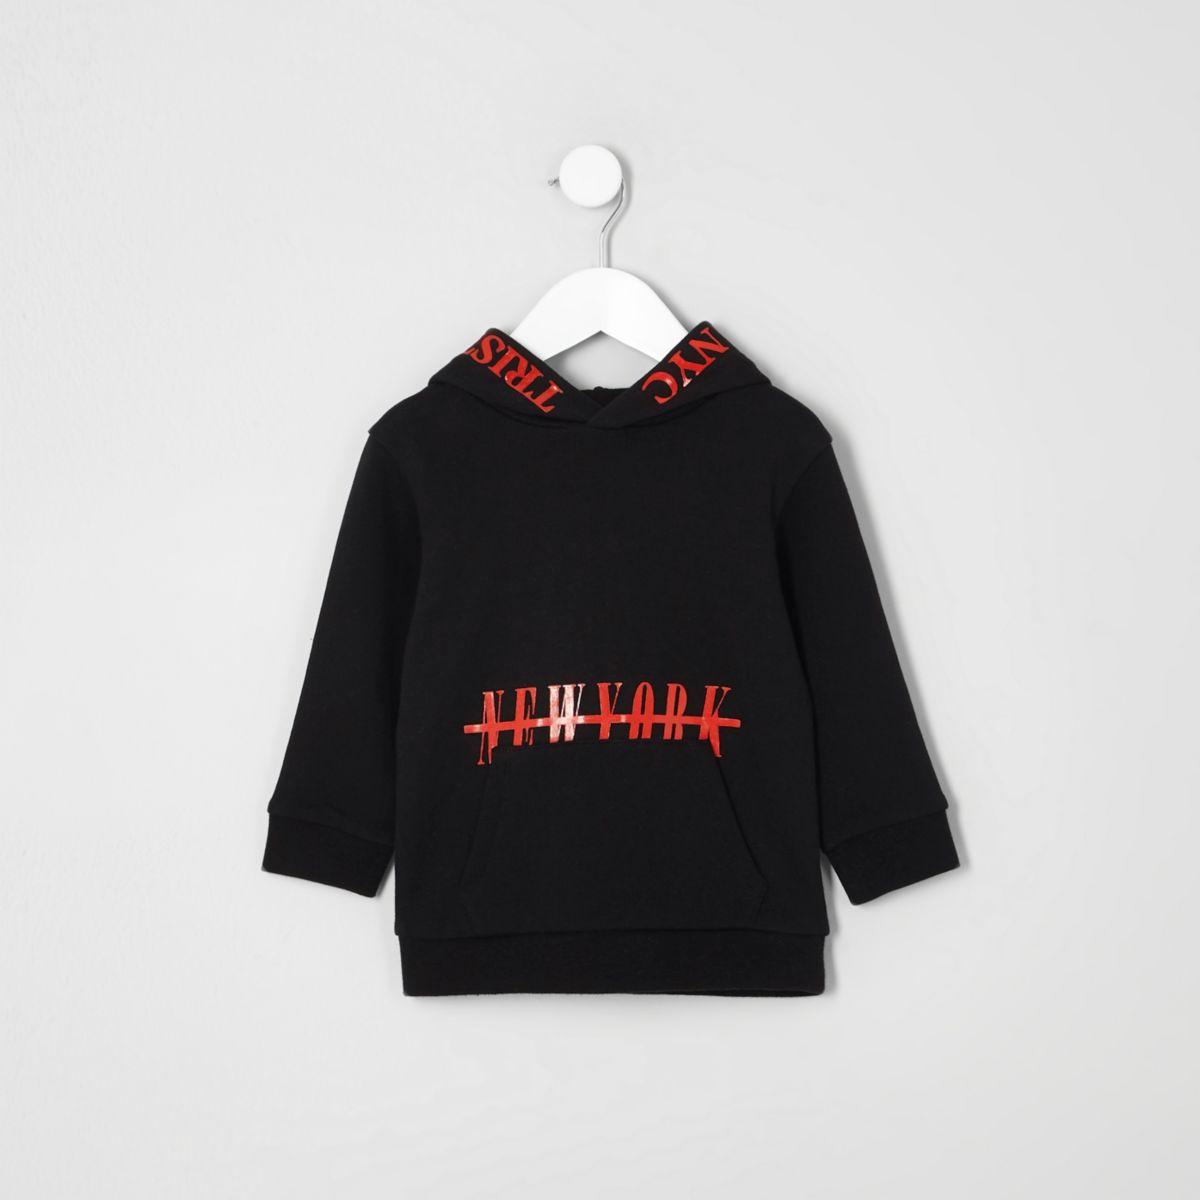 Sweat à capuche avec imprimé « New York » rouge et noir pour mini garçon